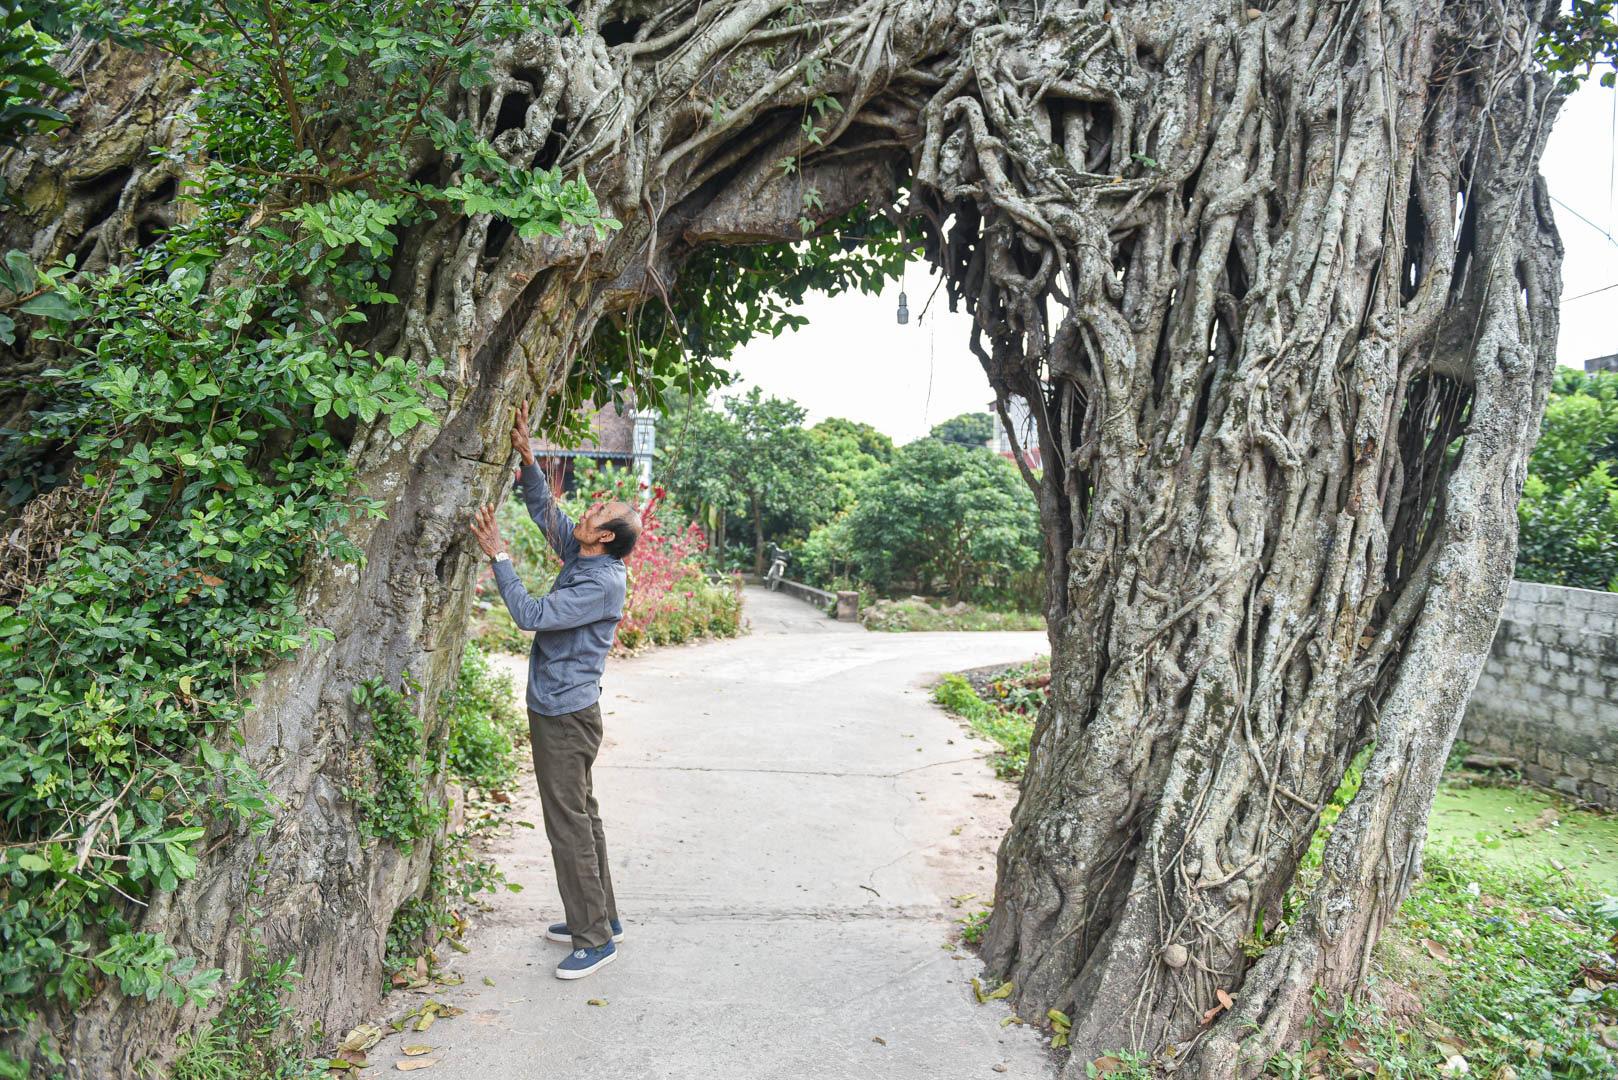 """Cây đa 500 tuổi có bộ rễ khủng tạo thành cổng làng """"độc"""" nhất ở Hưng Yên - Ảnh 4."""